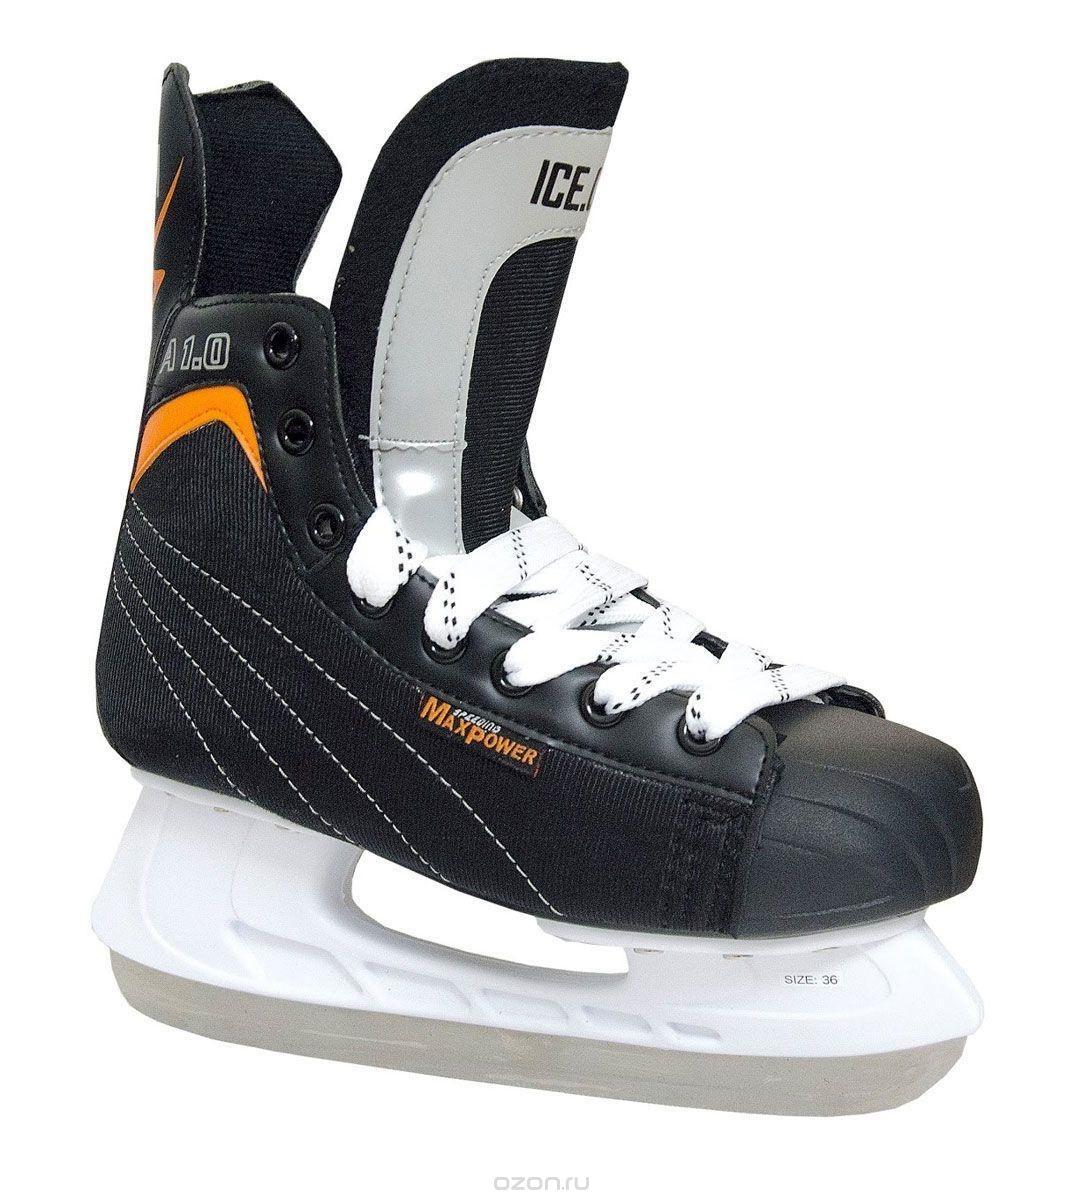 Коньки хоккейные  Ice Com мод. А1.0  р.41